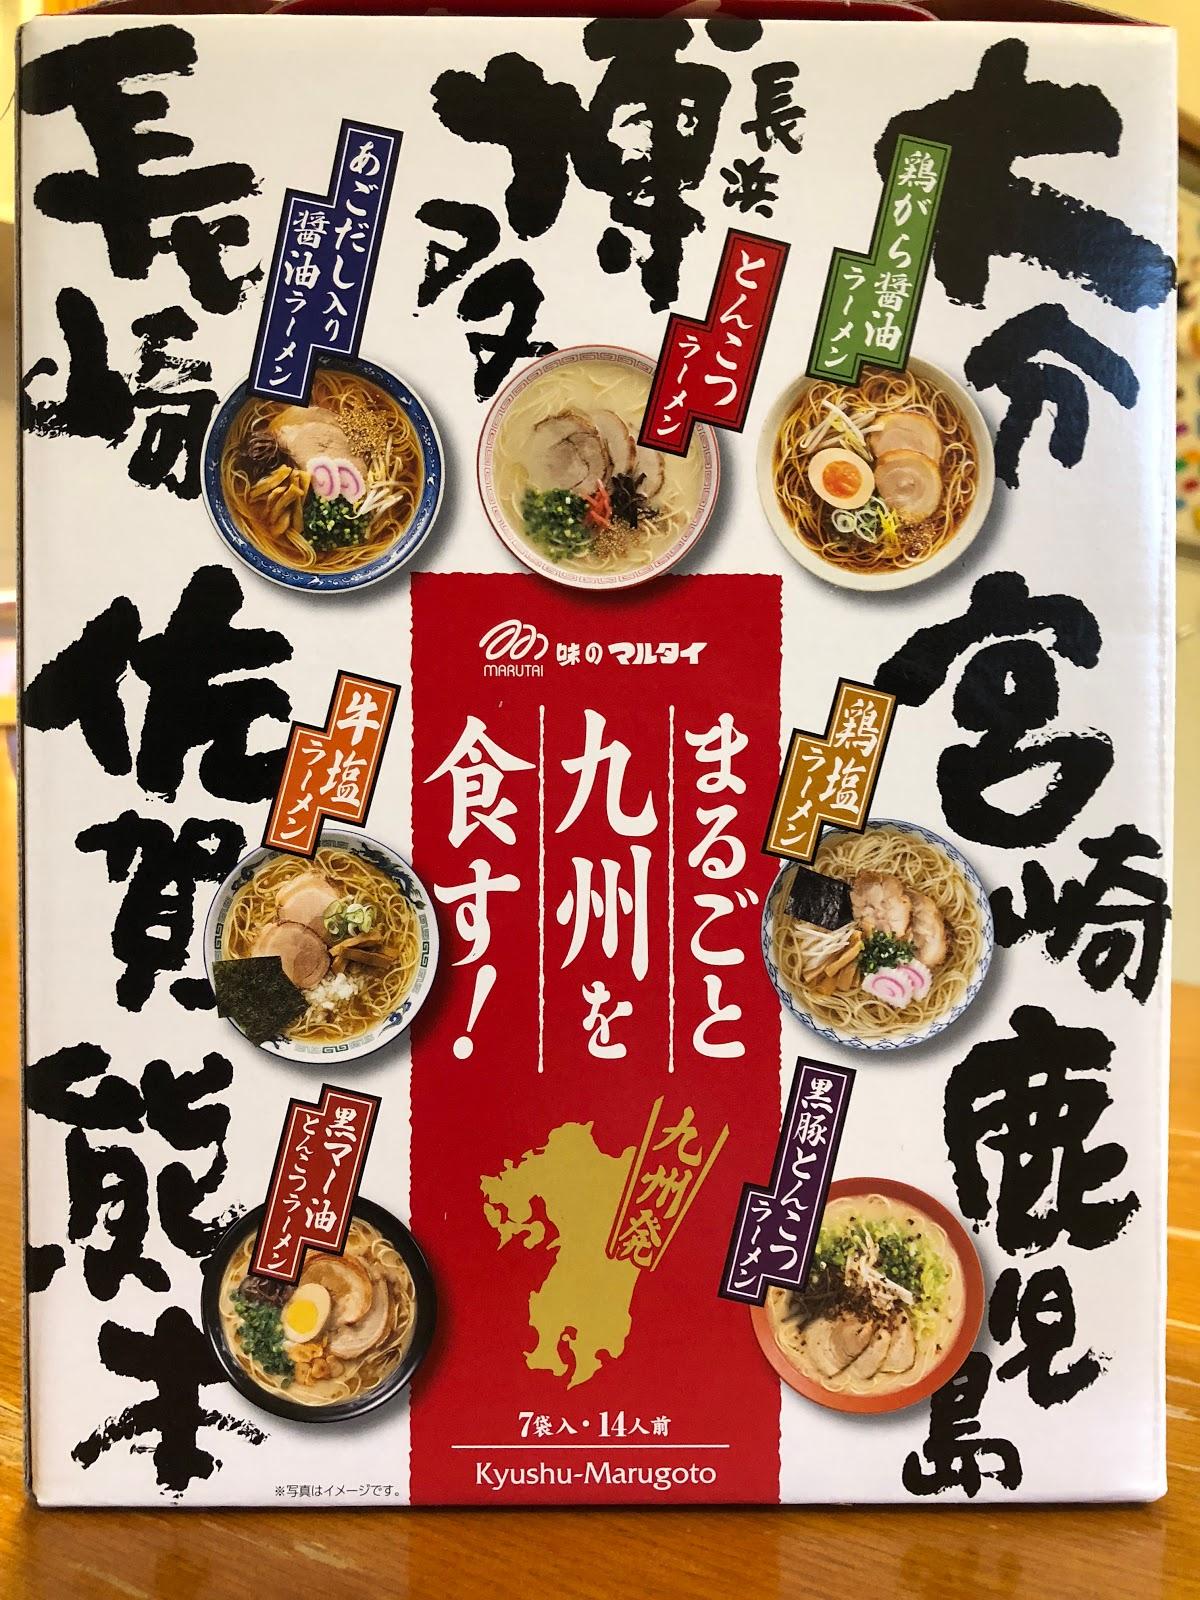 7f6444948177 Tokyo Excess  Tasting Marutai Kagoshima Black Pork Tonkotsu Ramen